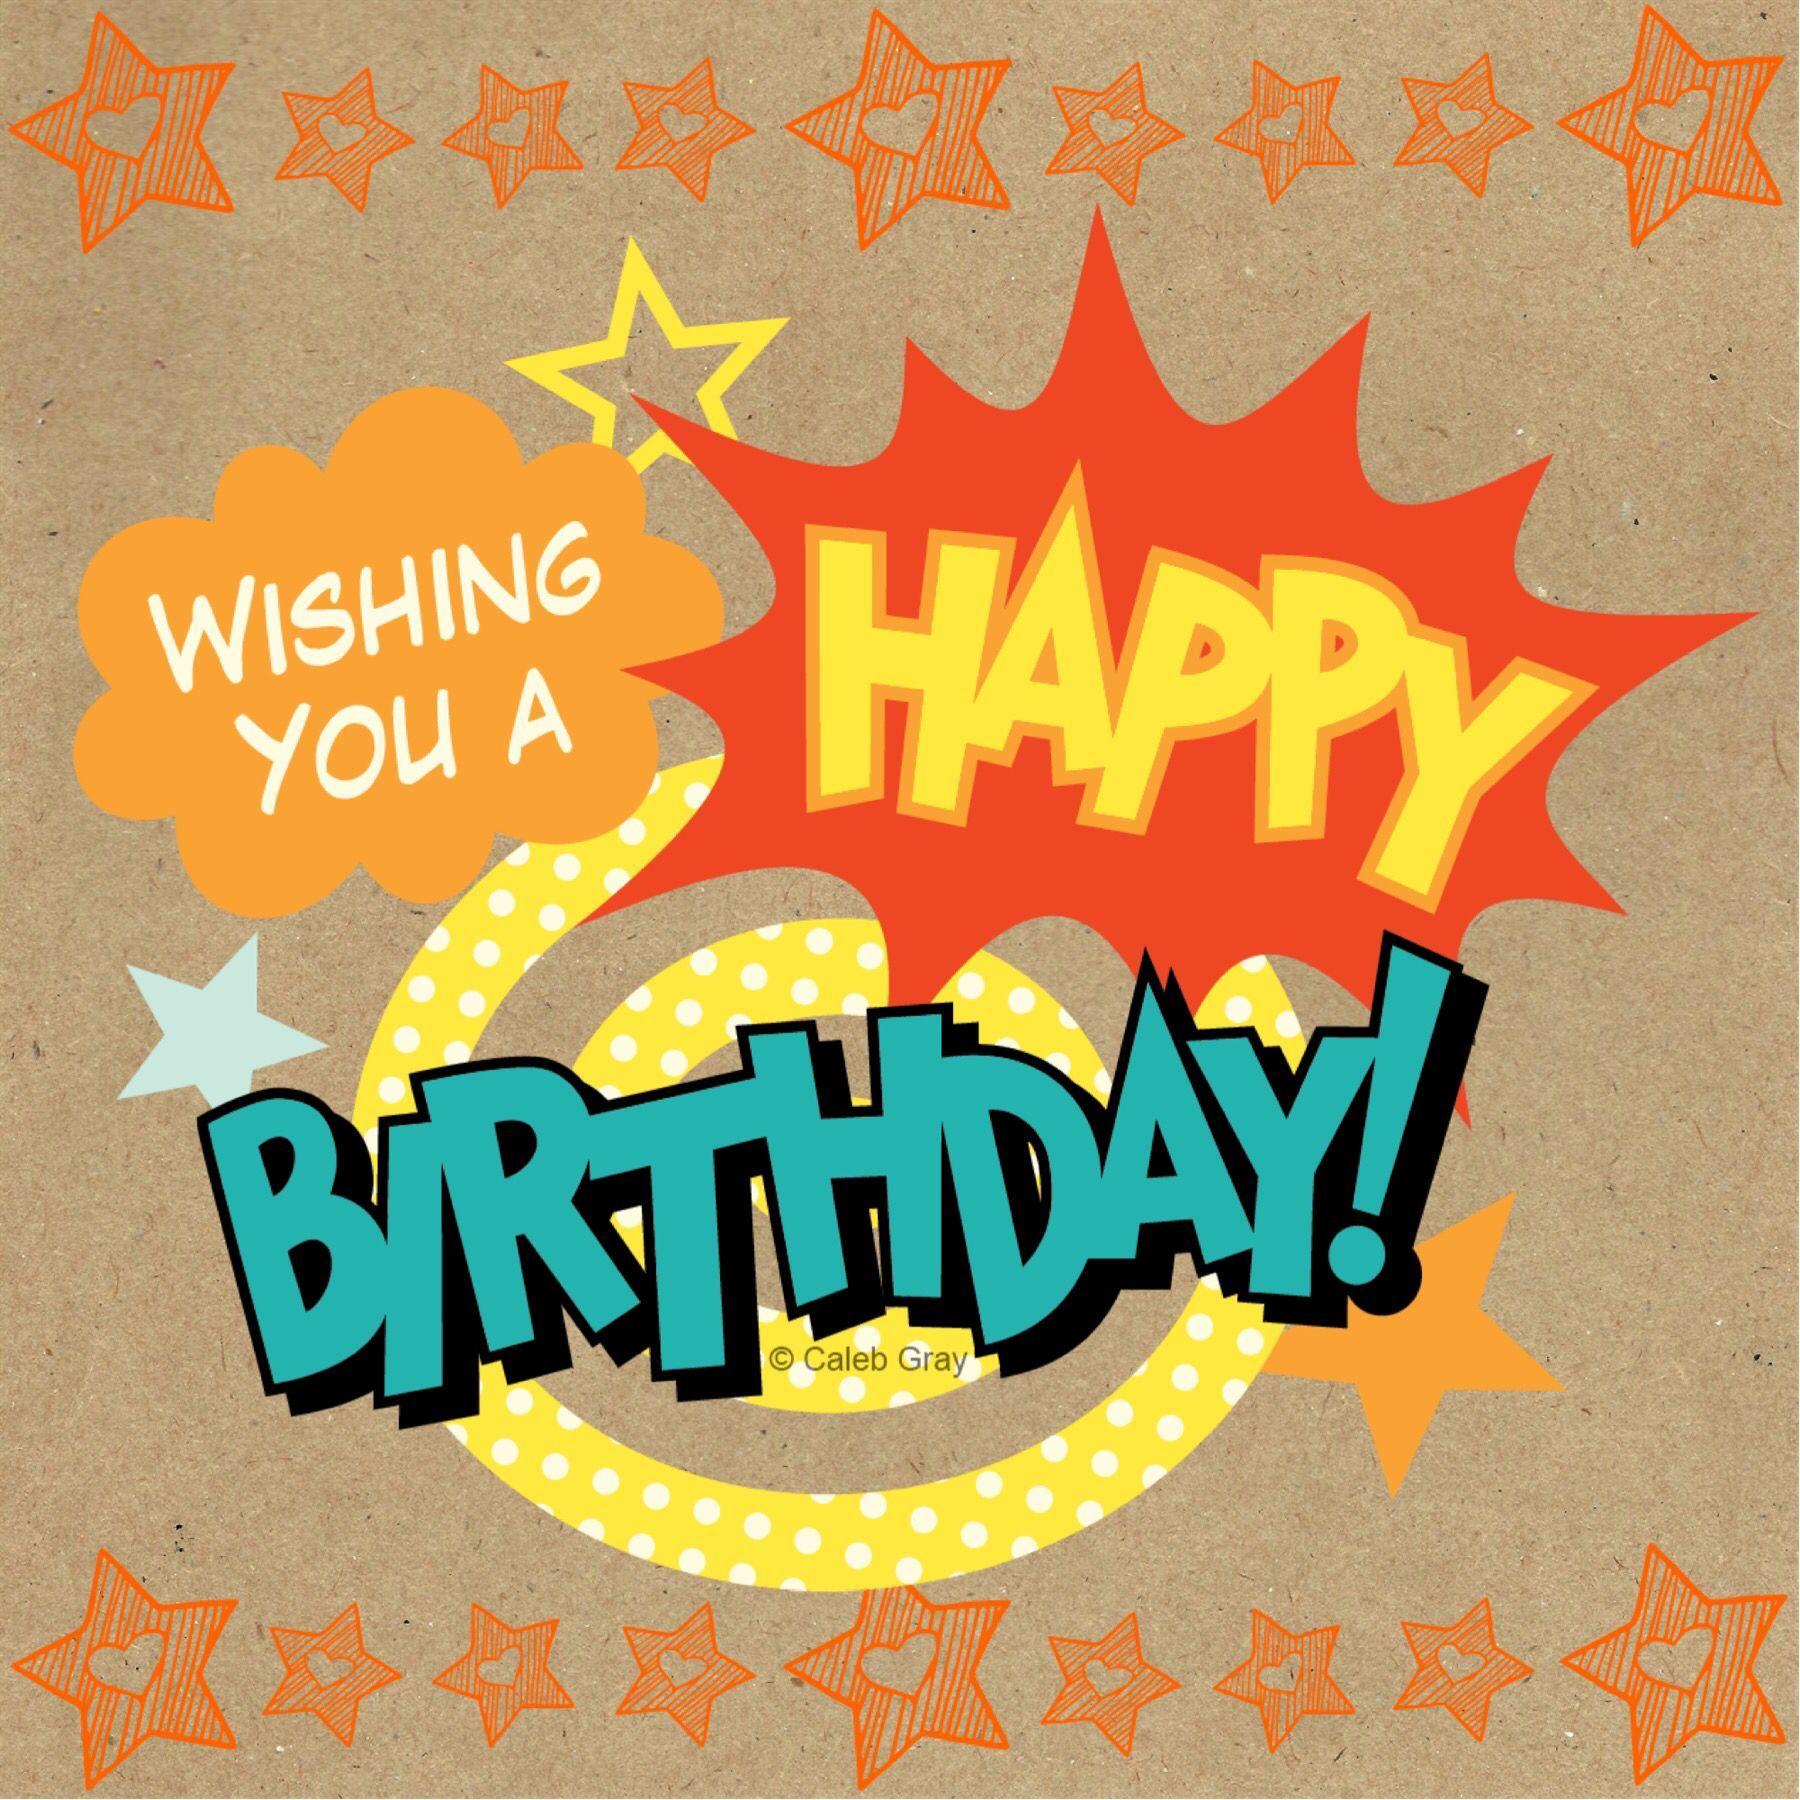 Geliefde Verjaardag Vriendin Gedicht | Happy Birthday! | Pinterest  @UO15